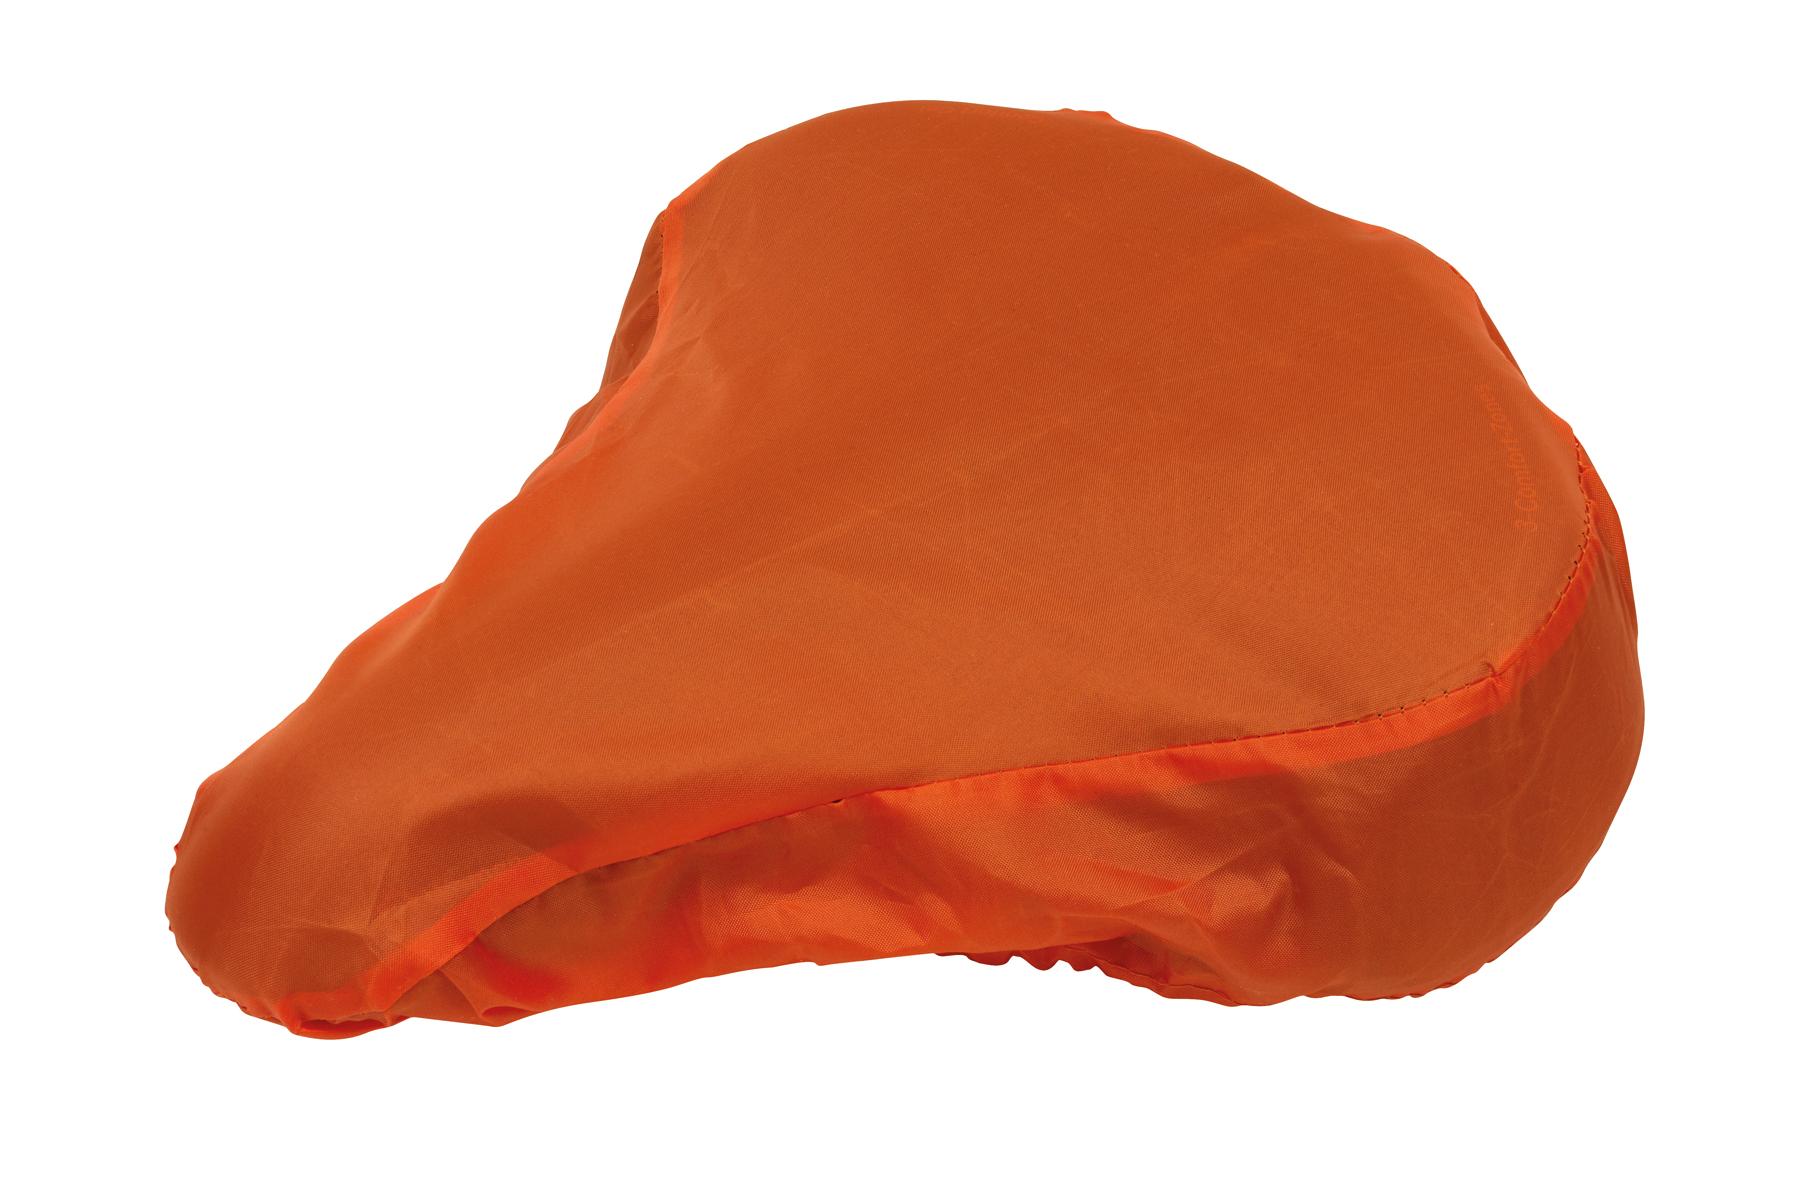 Pokrowiec na siodełko rowerowe DRY SEAT, pomarańczowy